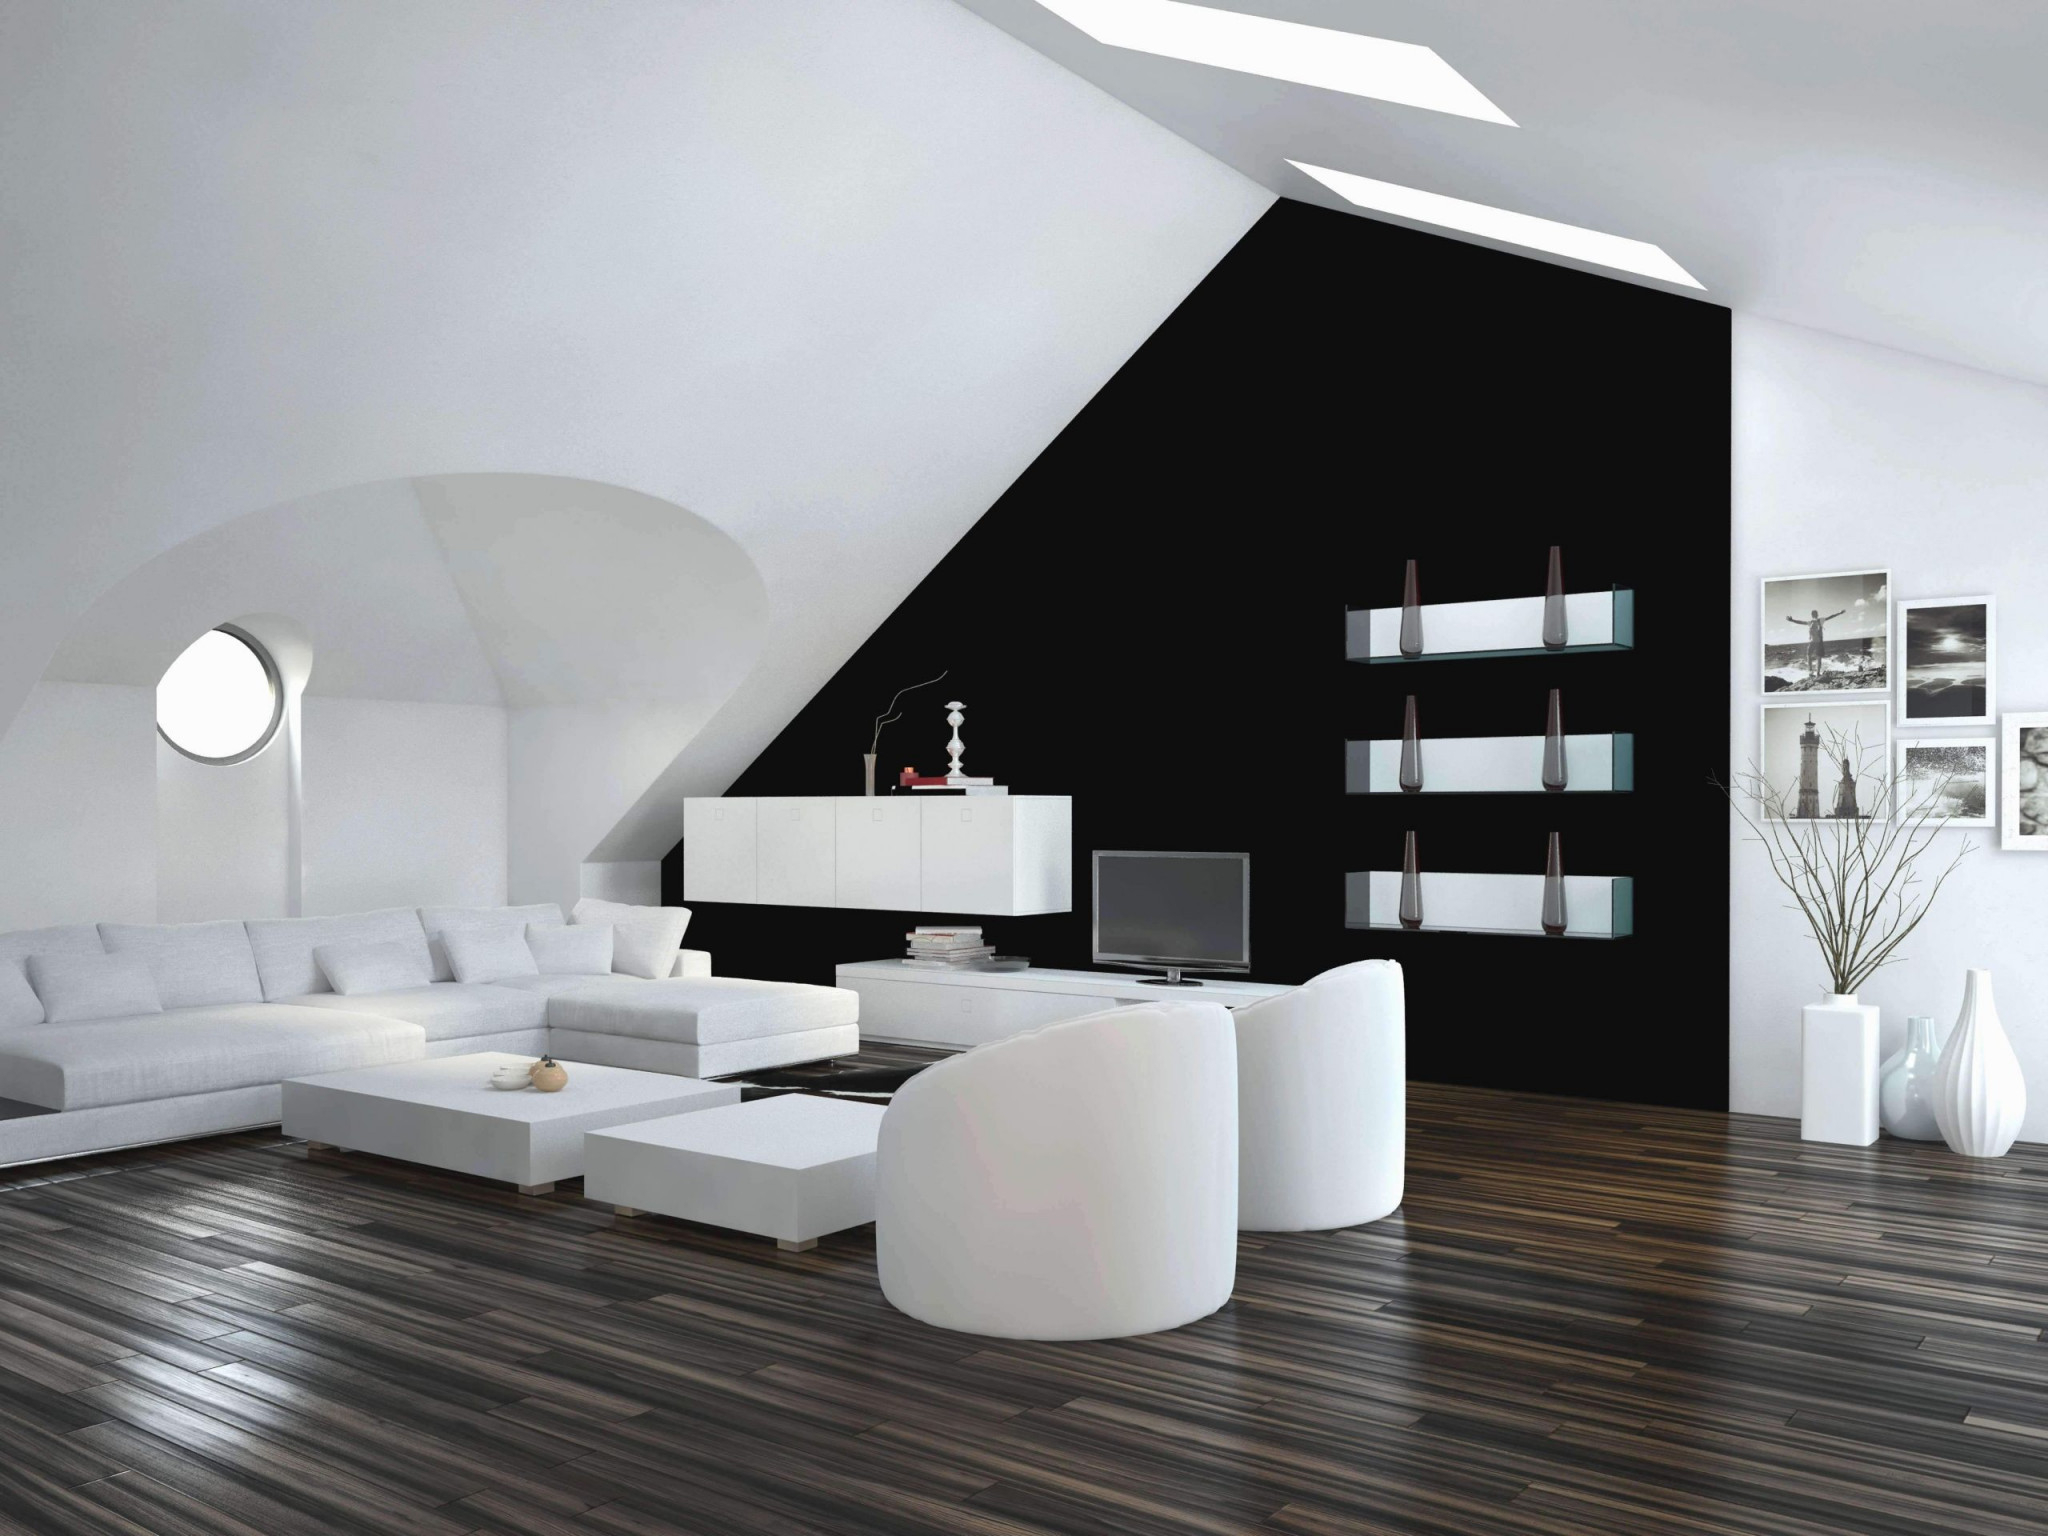 32 Luxus Deko Ideen Wohnzimmer Das Beste Von  Wohnzimmer Frisch von Deko Ideen Gardinen Wohnzimmer Bild